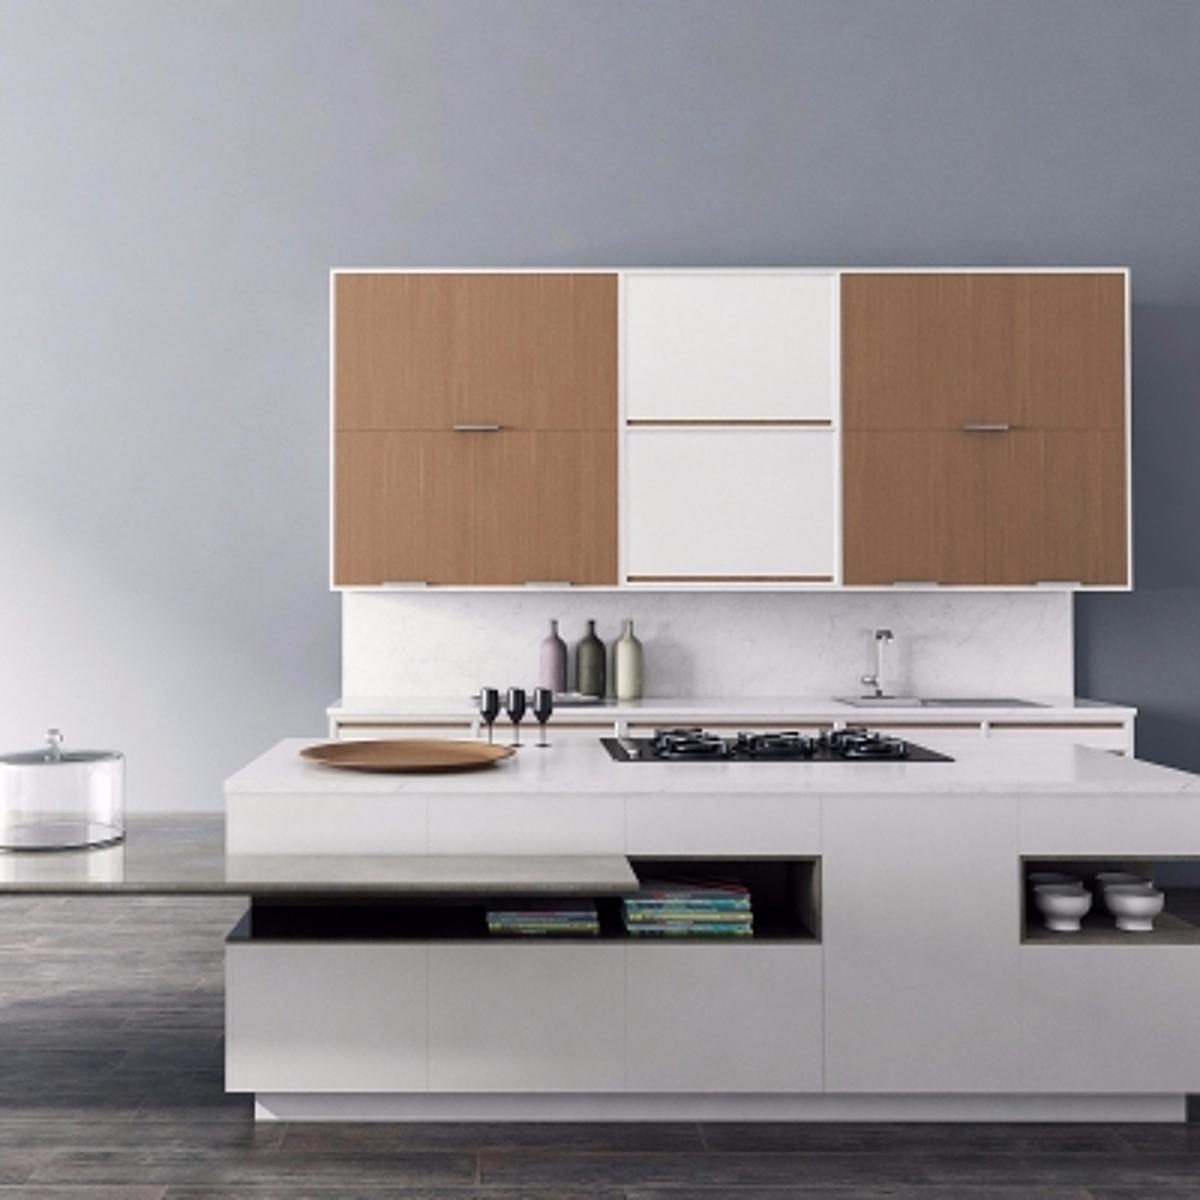 cg236现代实木橱柜餐具组合模型